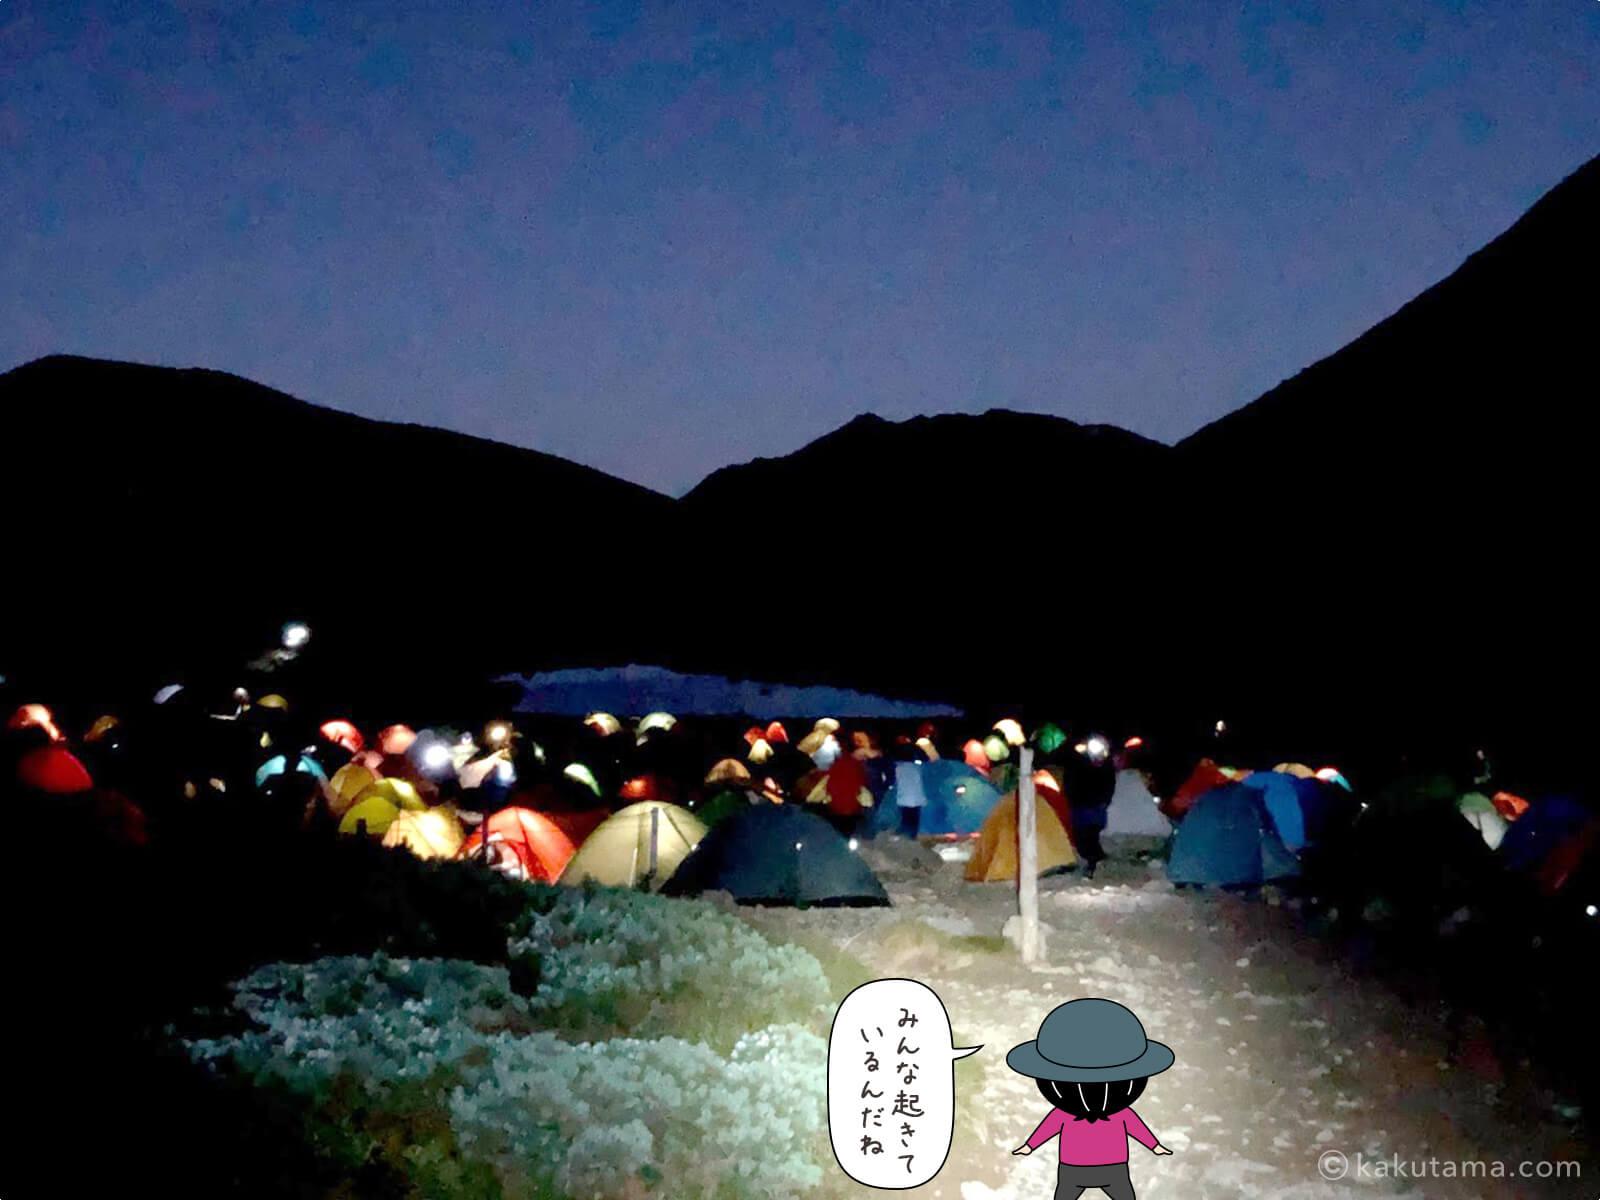 夜中のテント場